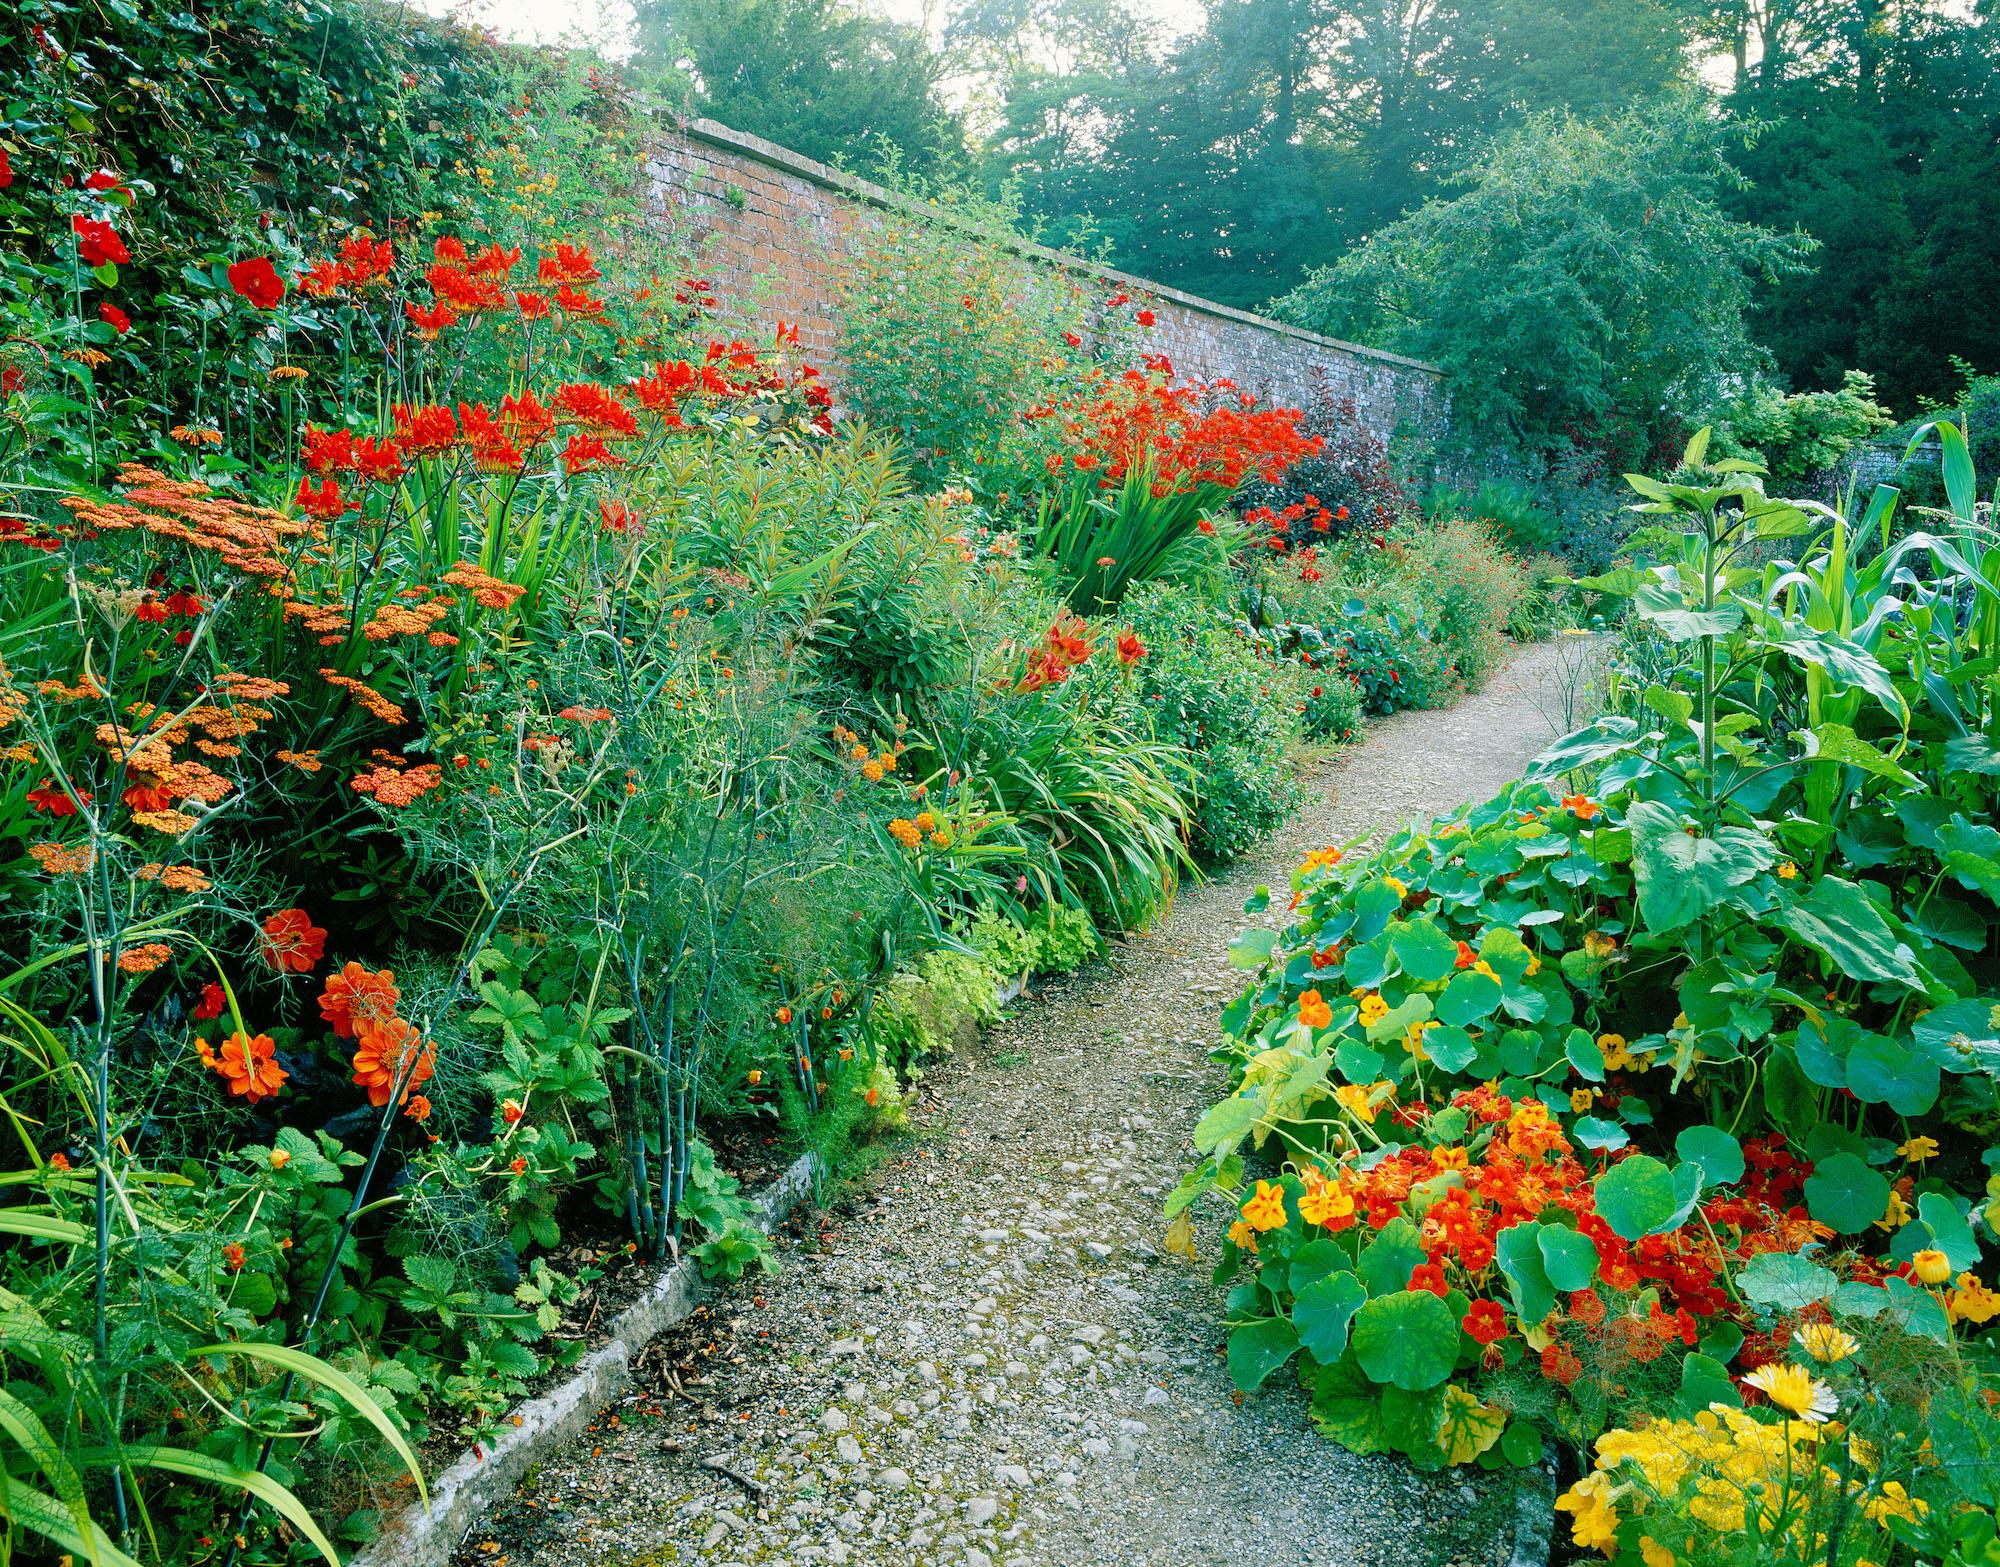 2a717c4a95e5 Noels-garden blog — Noel Kingsbury